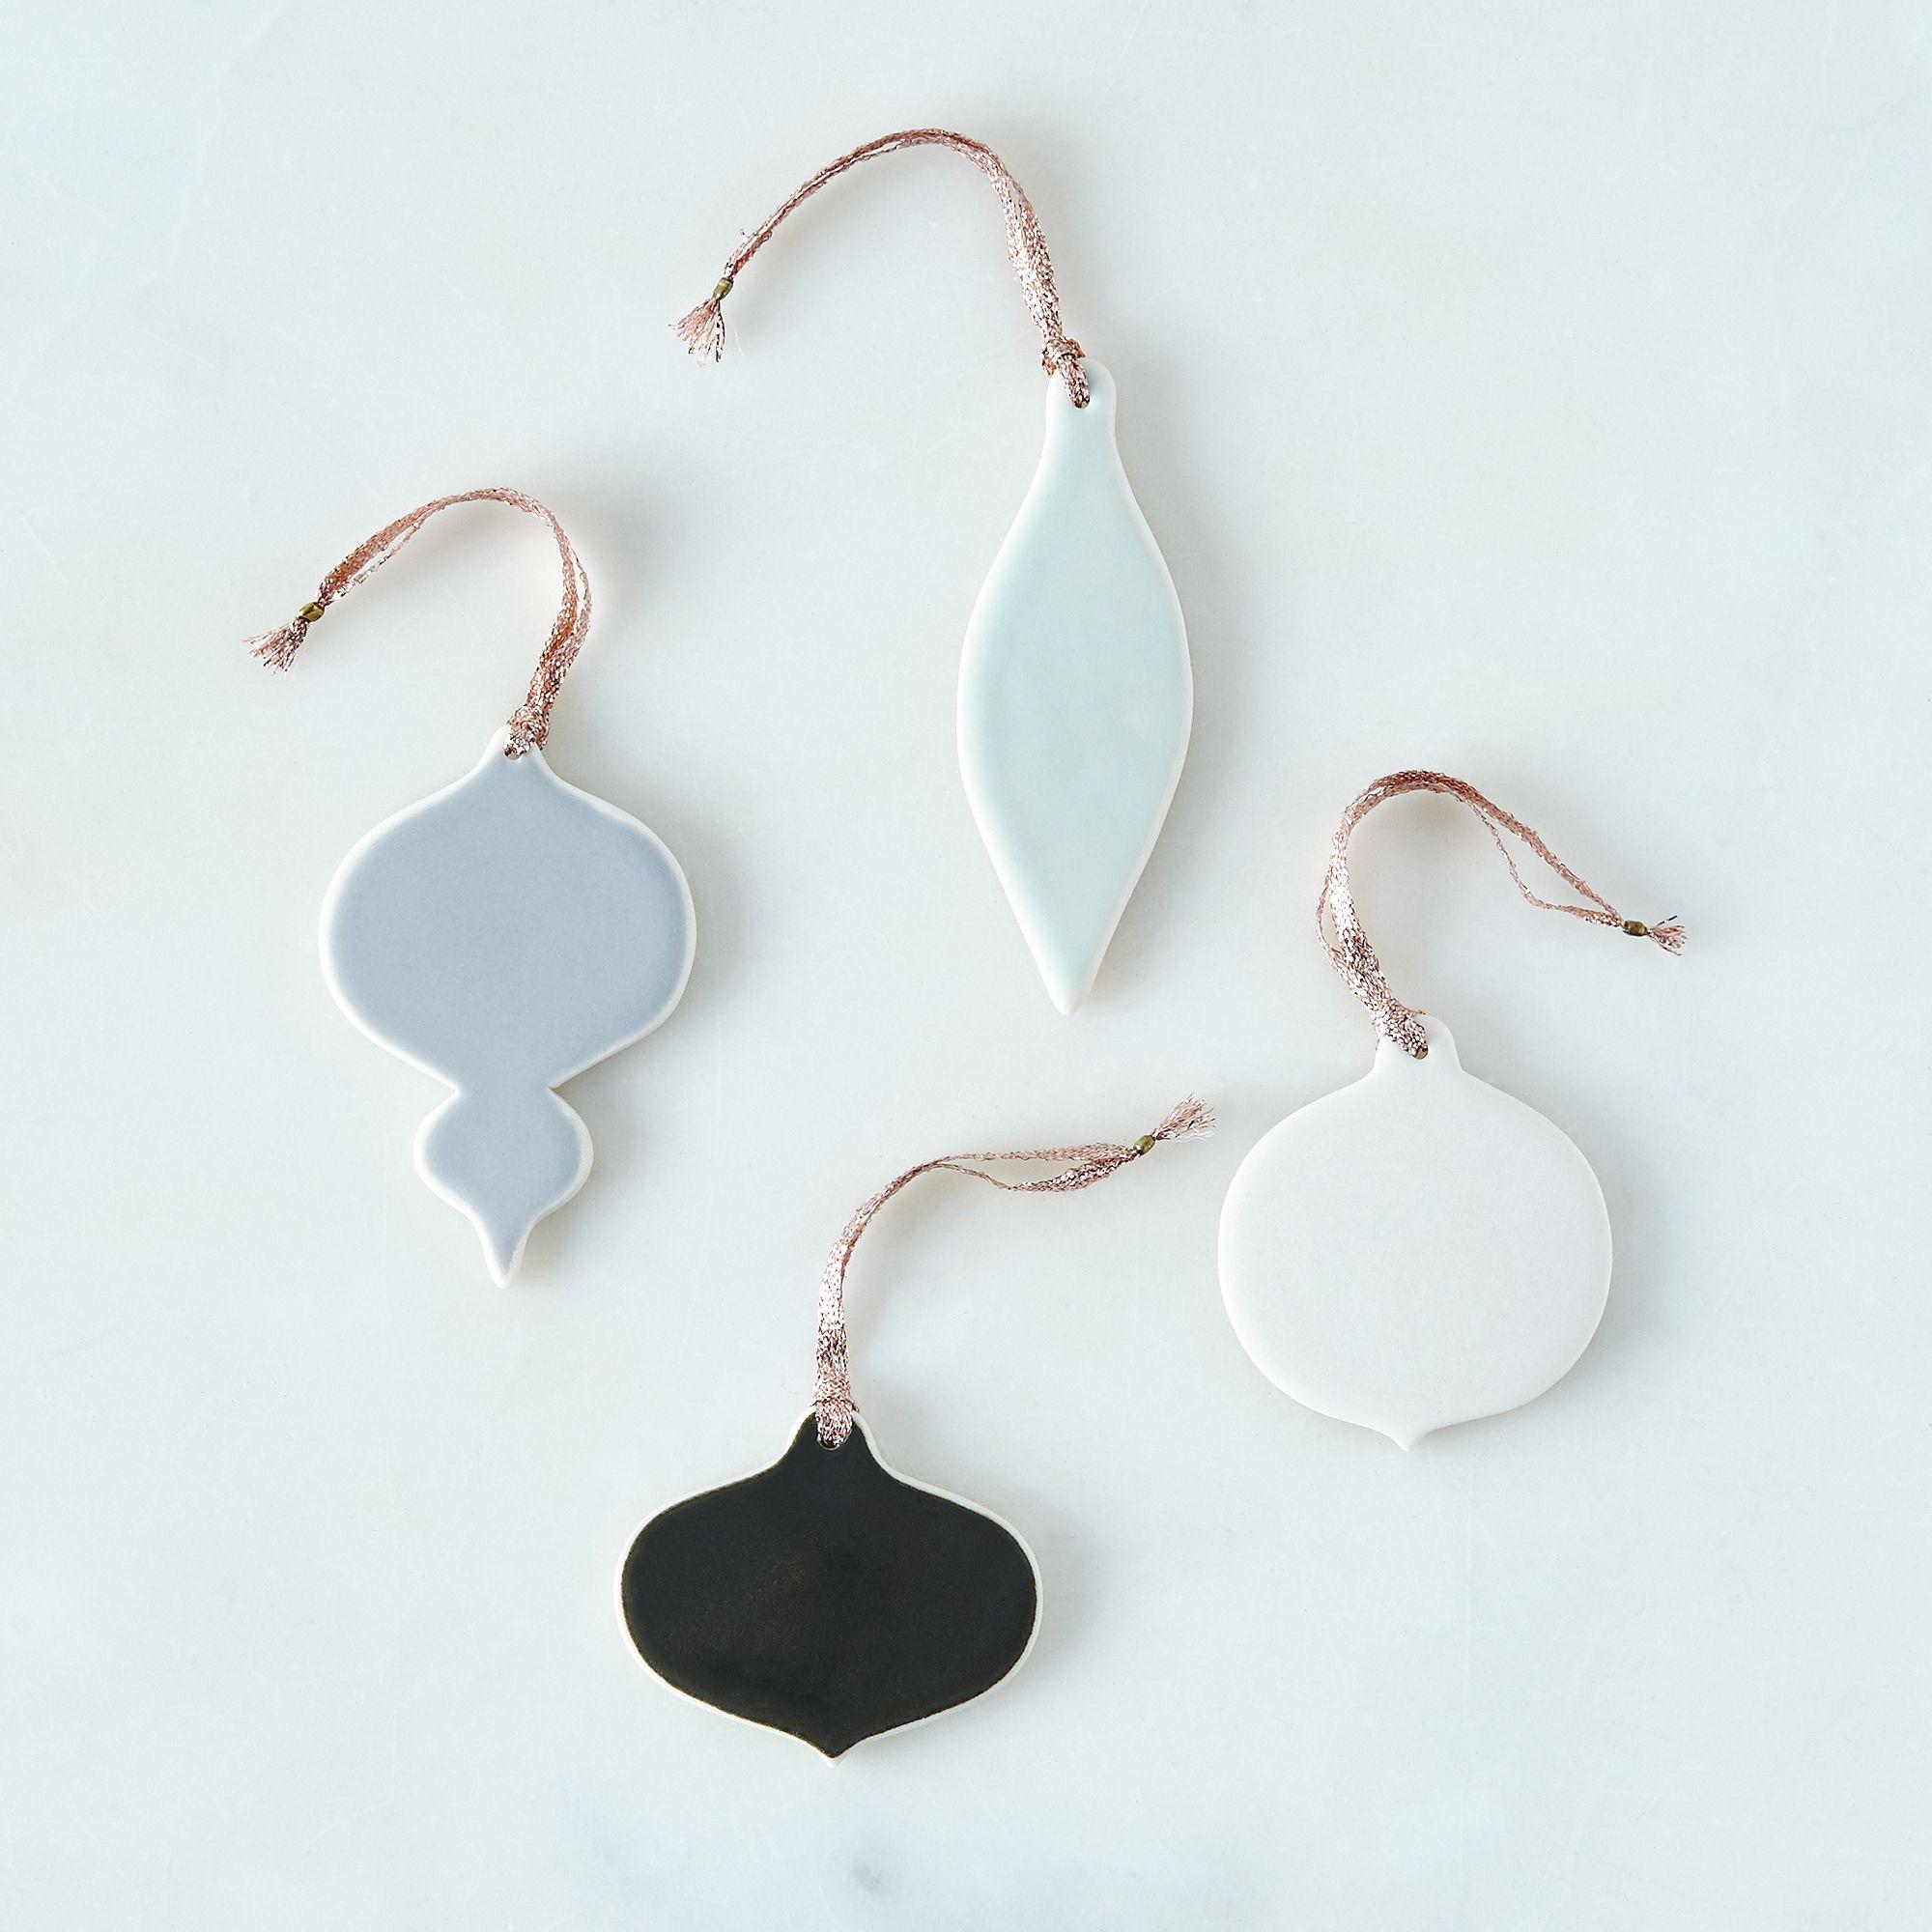 E5c83d6e 27dd 4386 a848 efa350c9e14b  2015 1009 pigeon toe ceramics ceramic glazed holiday ornaments set of 4 silo rocky luten 004